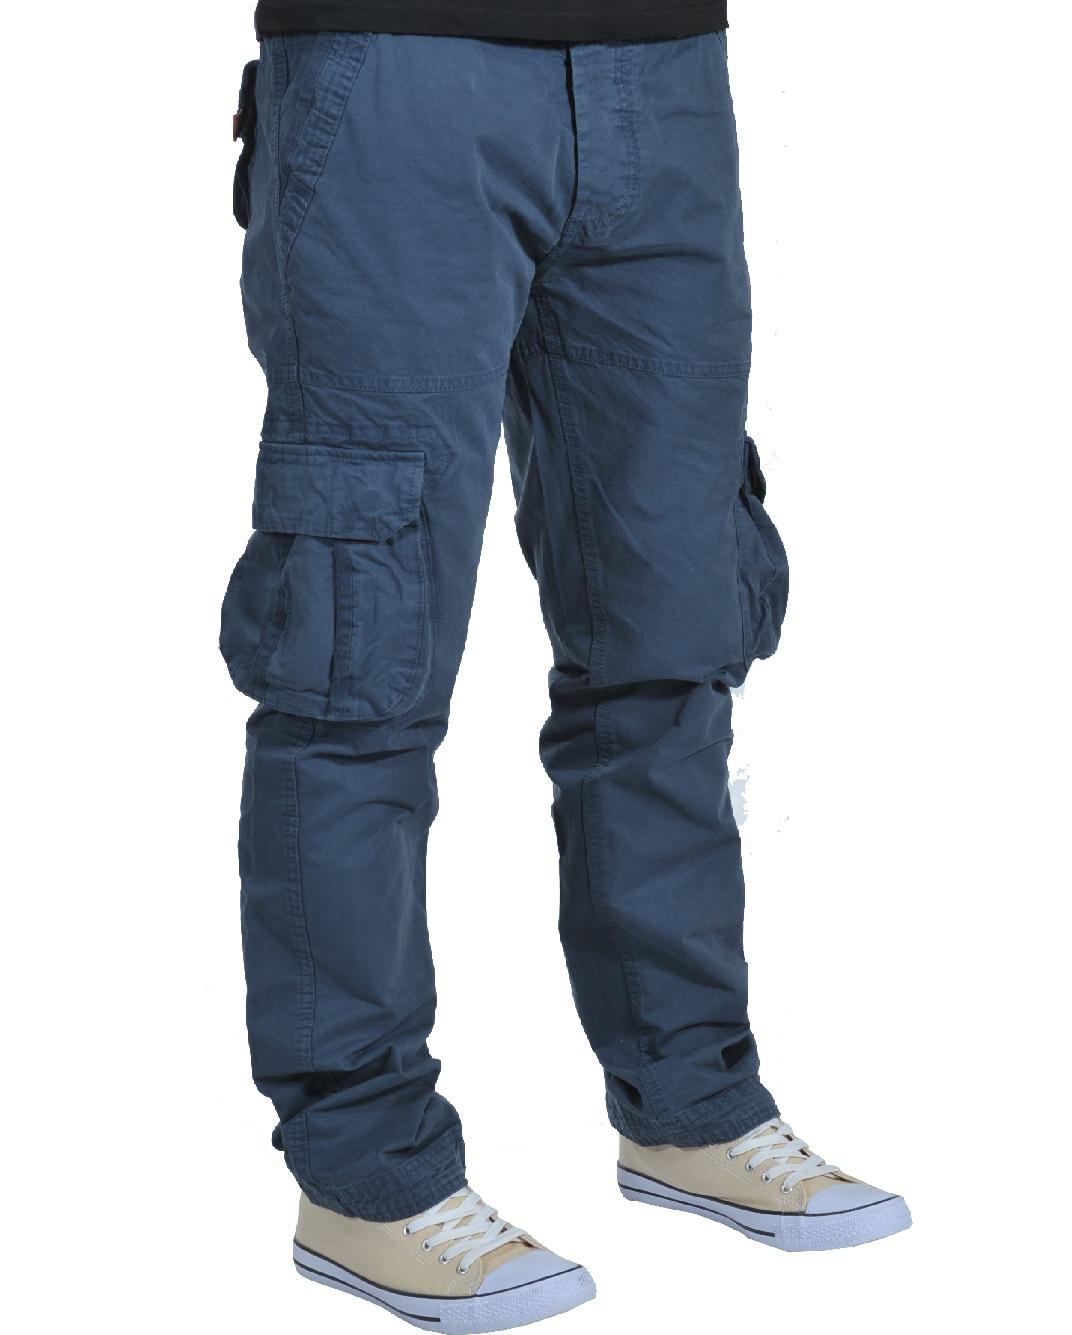 Ανδρικό Chino Παντελόνι New Wave D.Blue Cargo-Μπλε Σκούρο αρχική ανδρικά ρούχα παντελόνια chinos